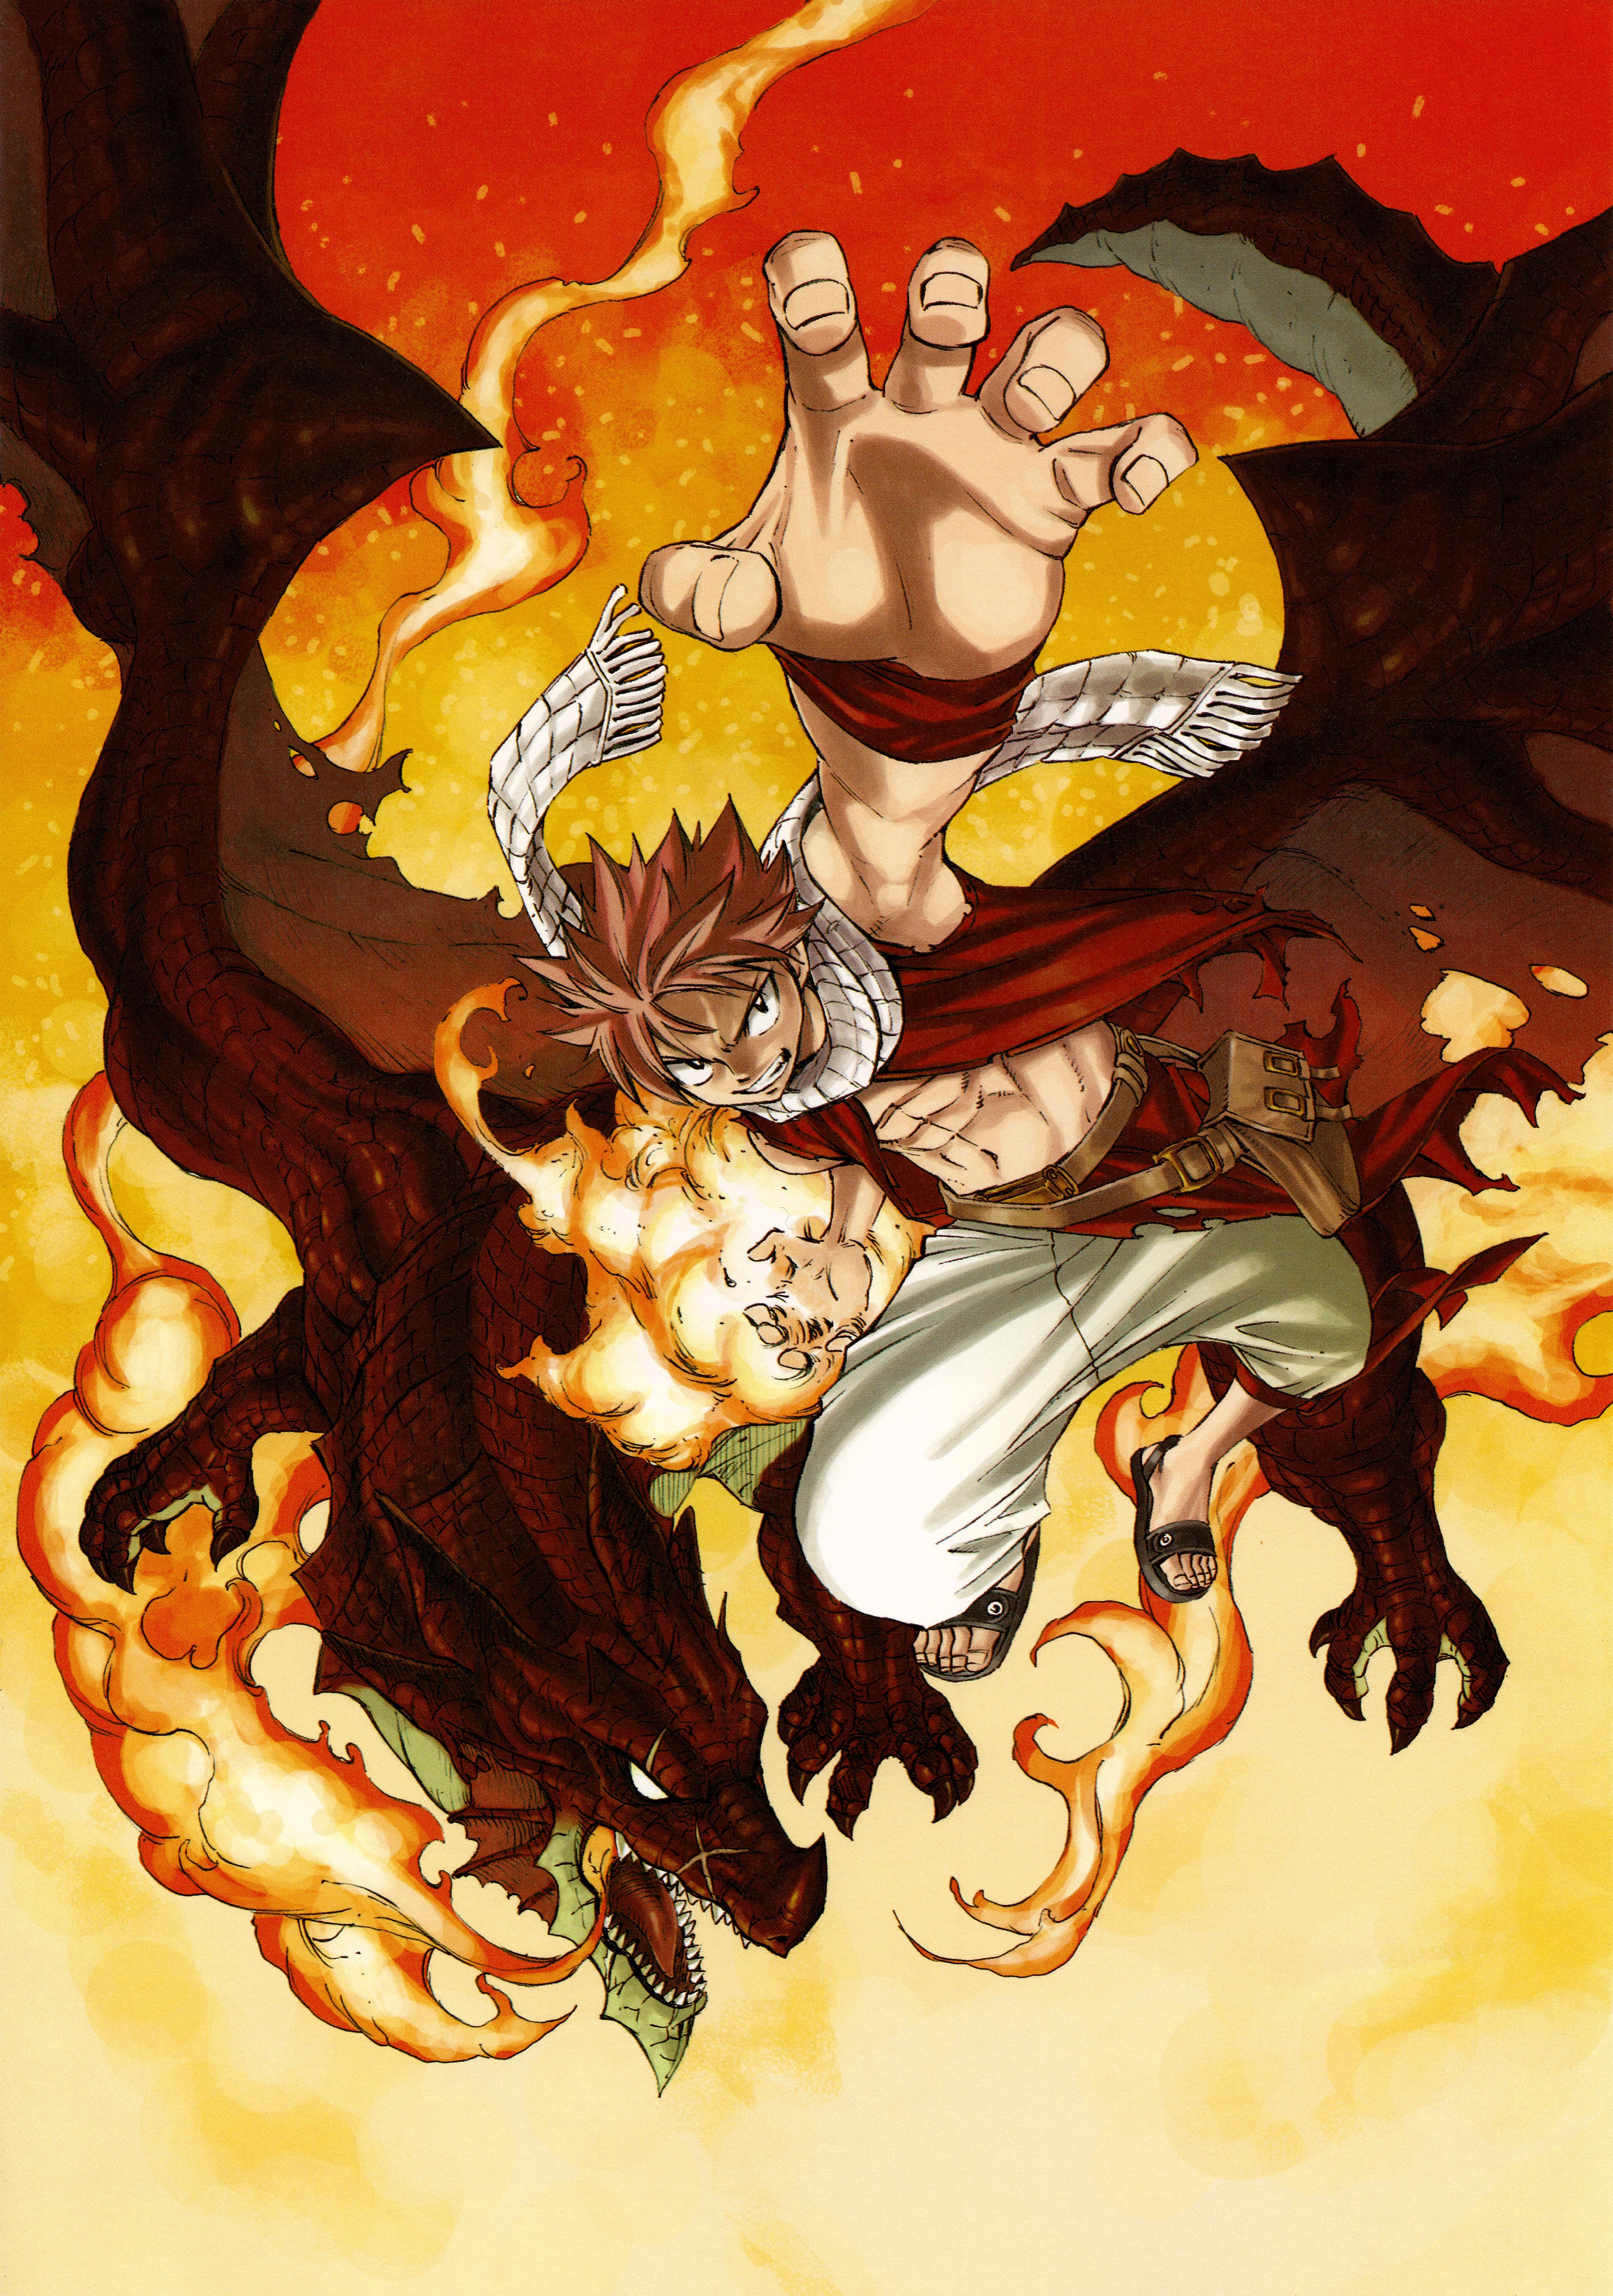 Tags Anime Mashima Hiro FAIRY TAIL Fairy Tail Illustrations Fantasia